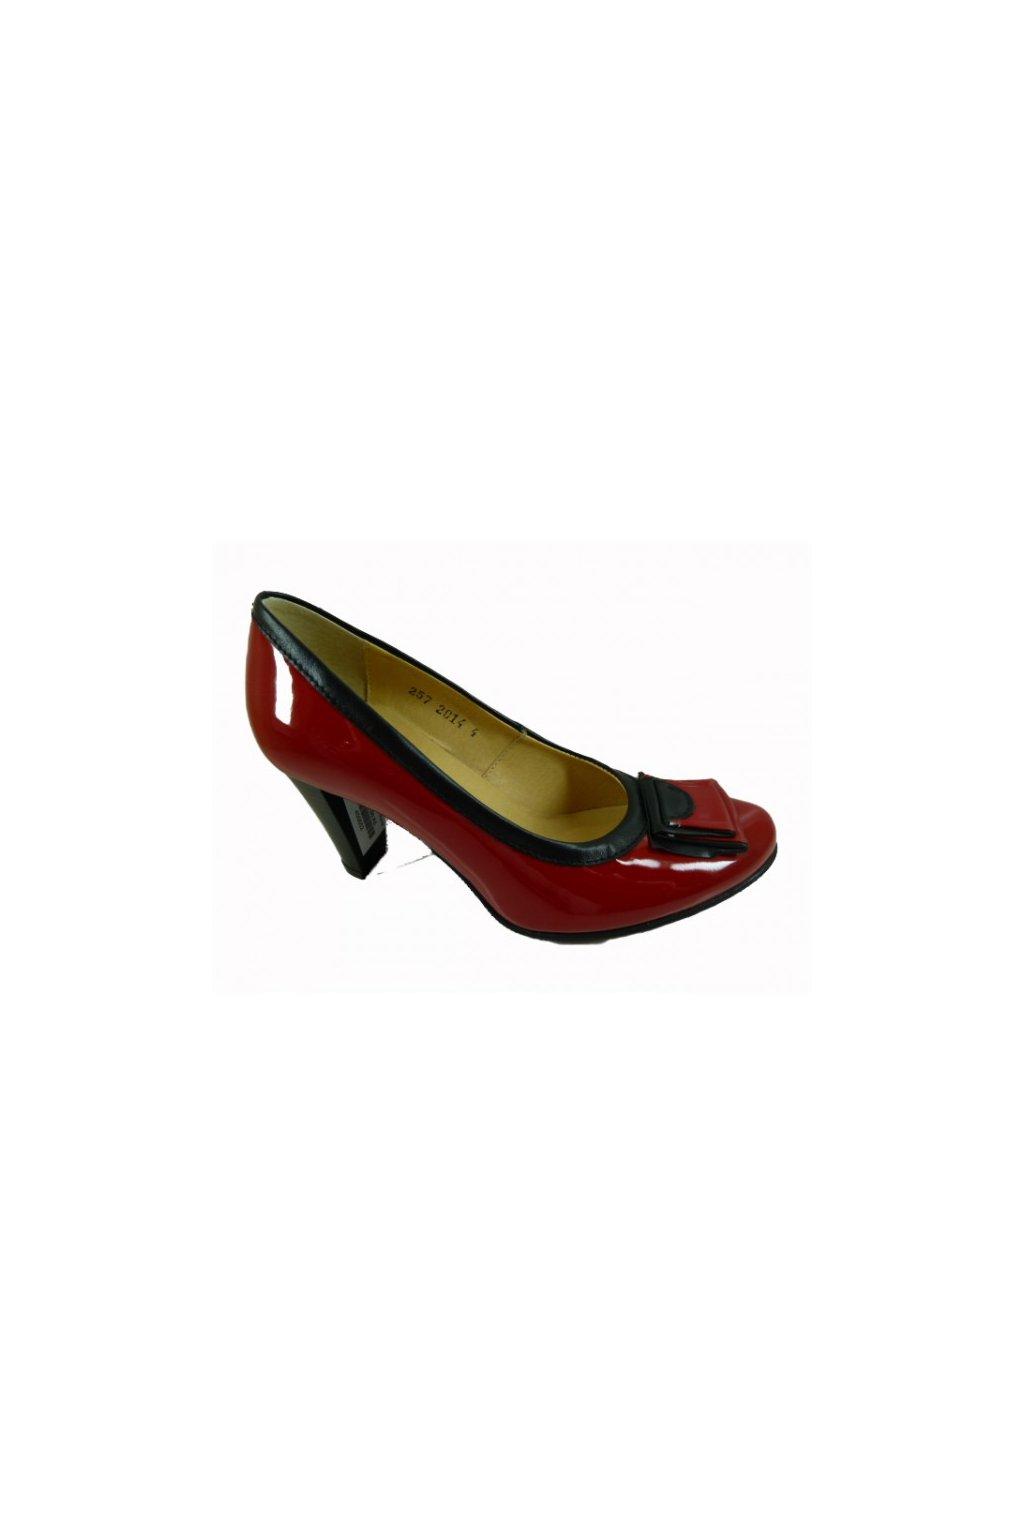 Podměrná dámská obuv Hujo C-257